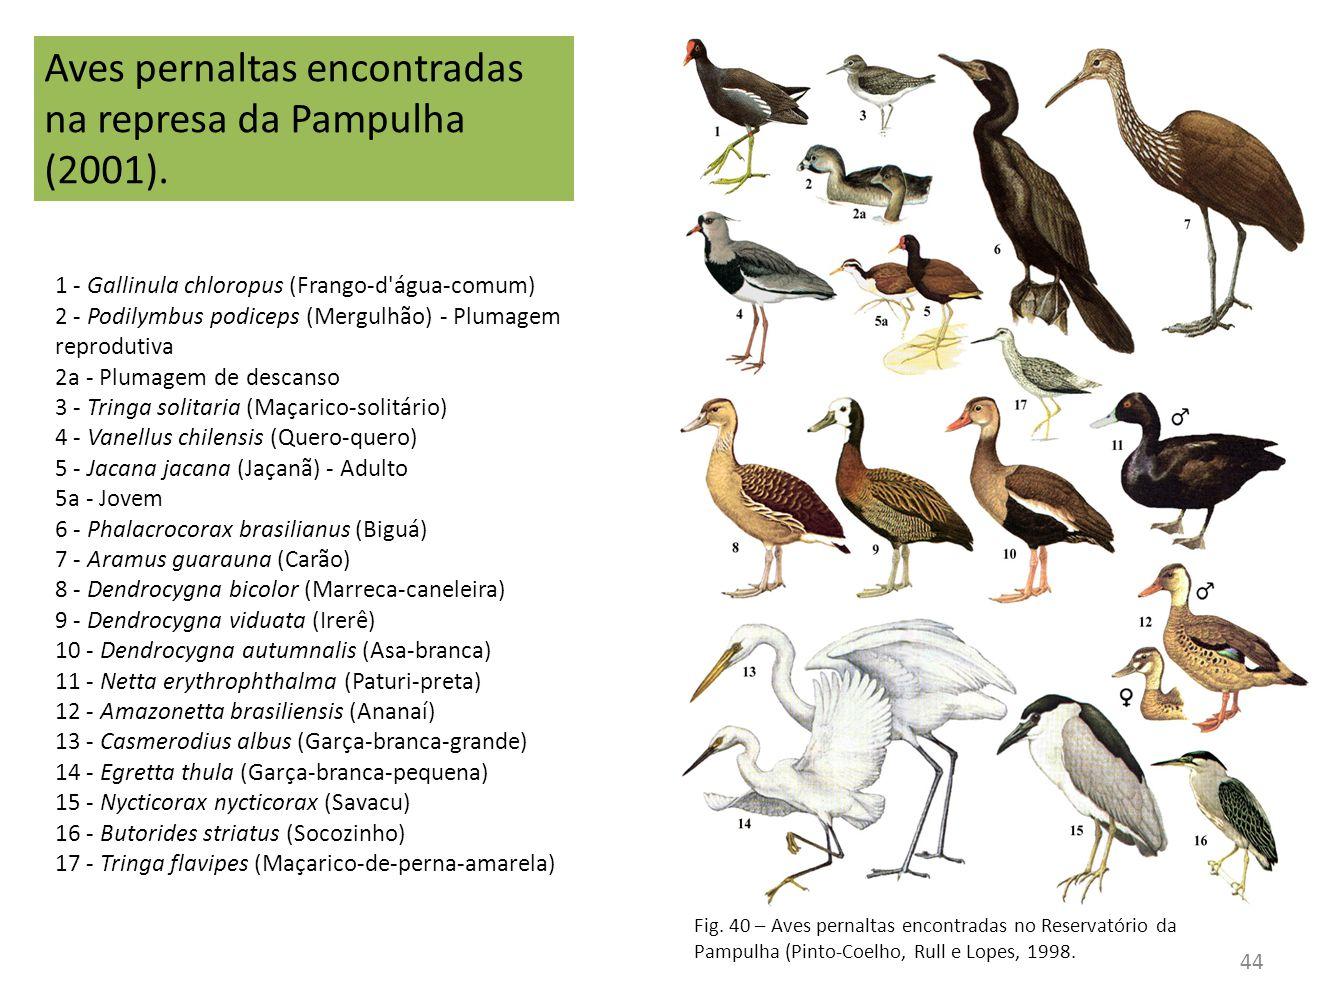 1 - Gallinula chloropus (Frango-d'água-comum) 2 - Podilymbus podiceps (Mergulhão) - Plumagem reprodutiva 2a - Plumagem de descanso 3 - Tringa solitari